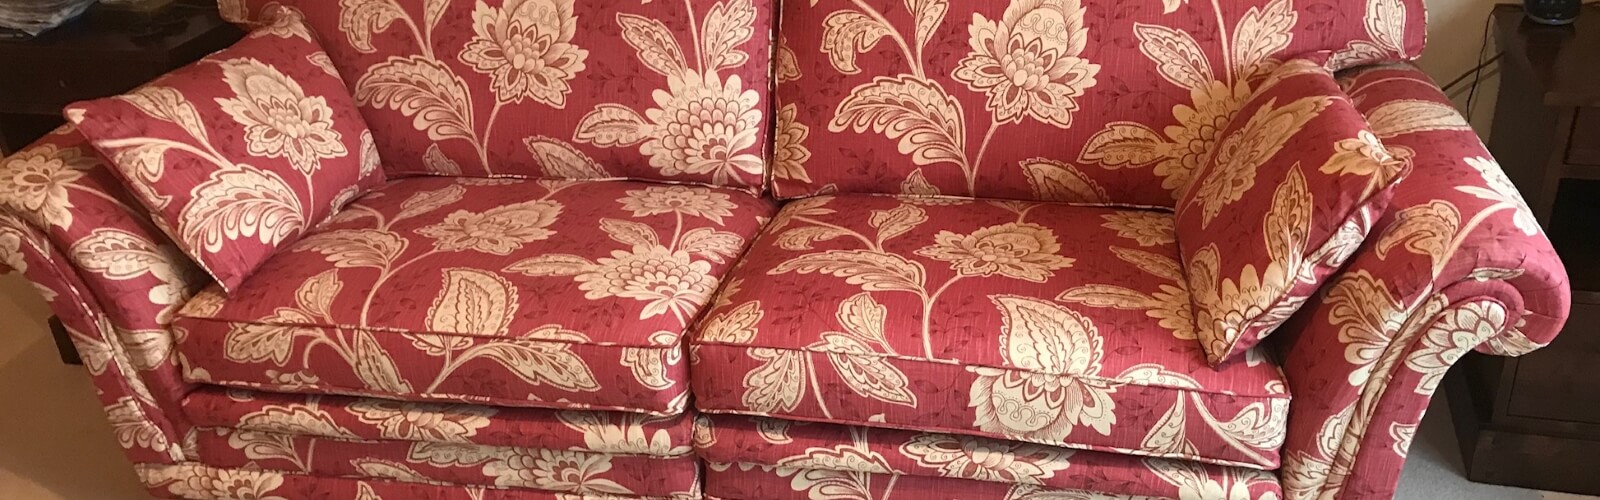 Upholstery Repairs